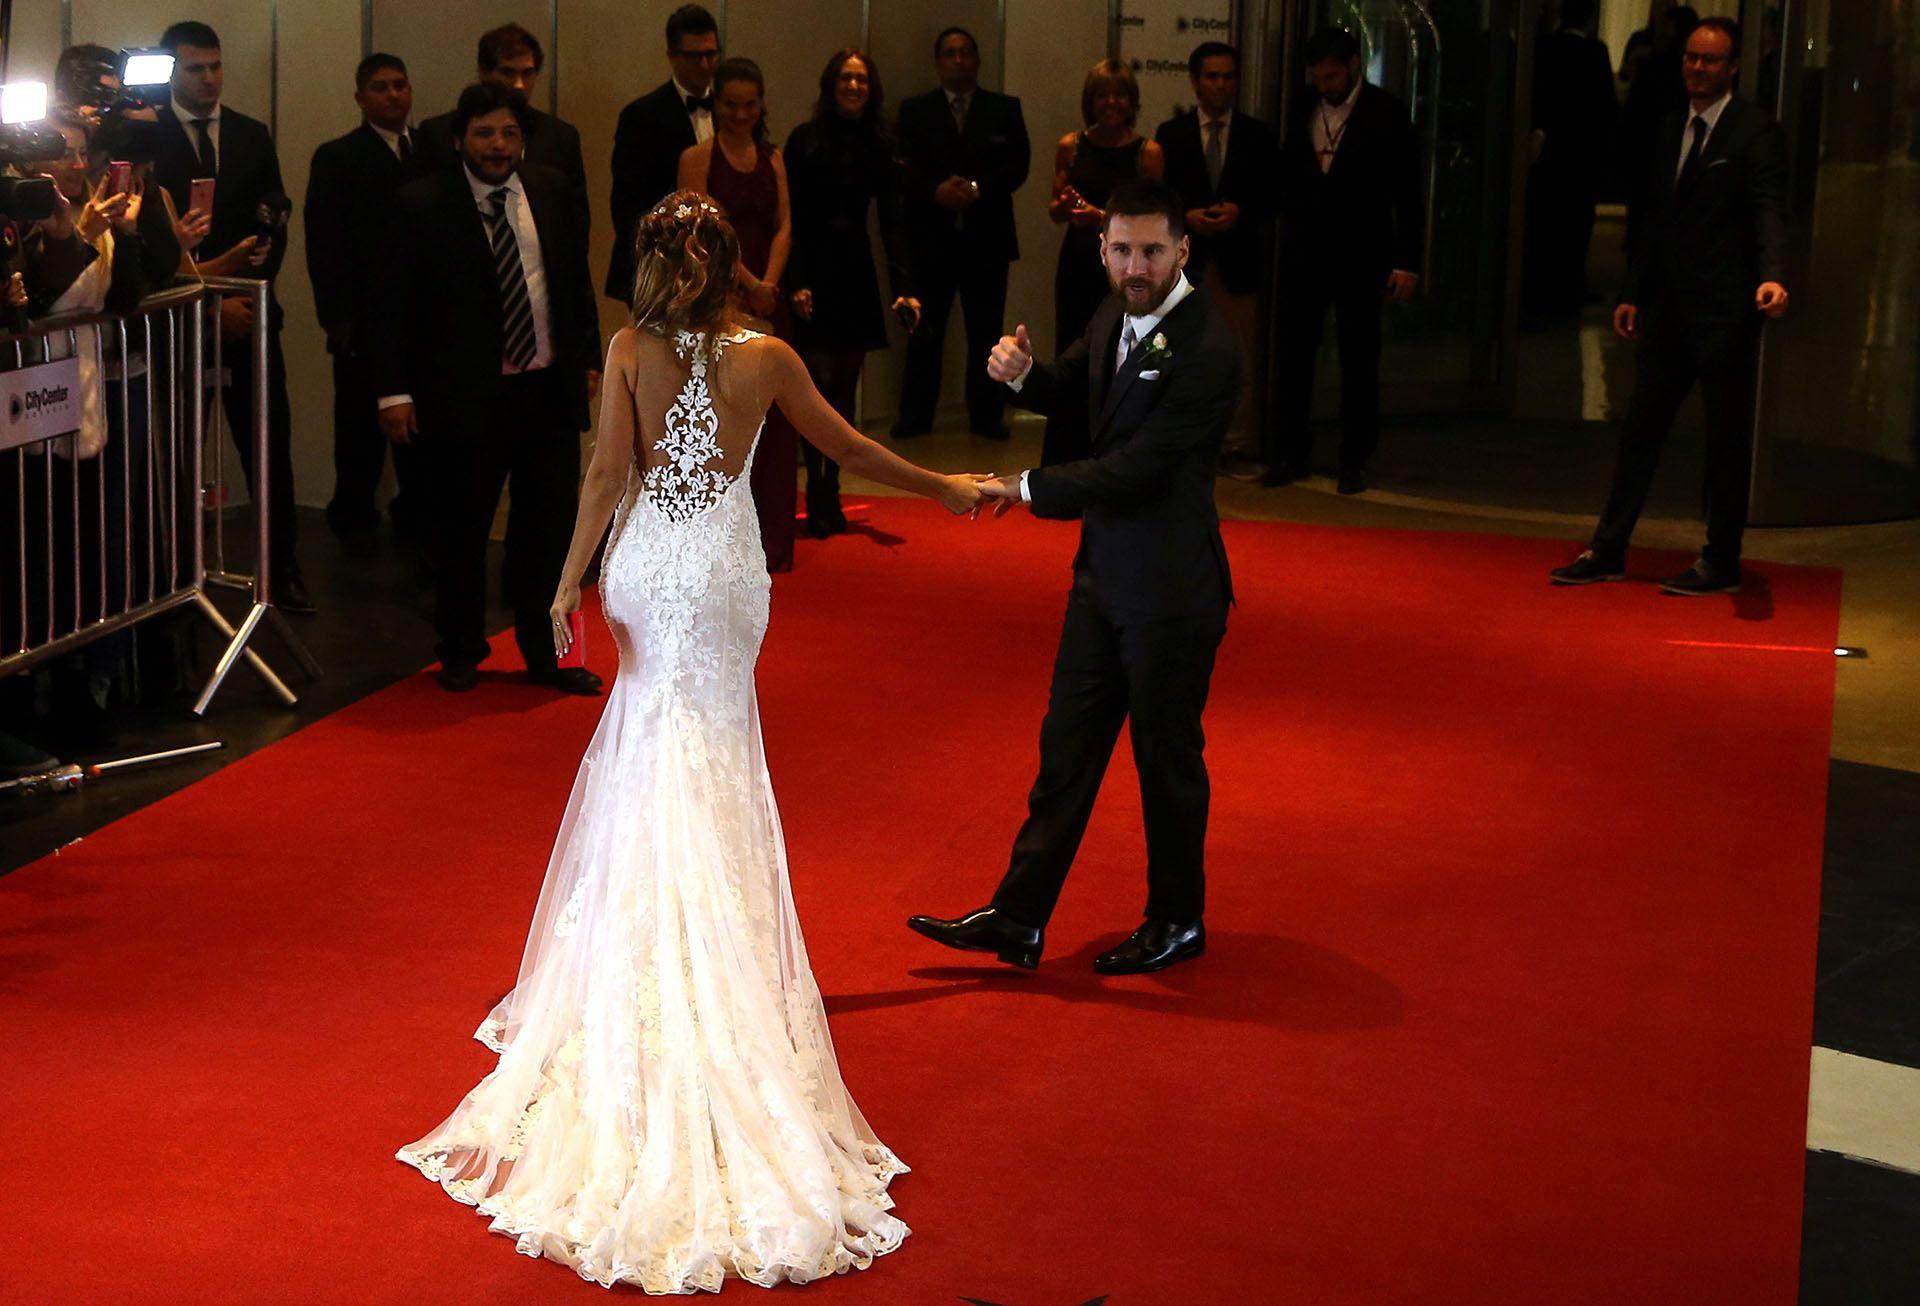 Las 110 Mejores Fotos De La Boda De Lionel Messi Y Antonela Roccuzzo Dresses Wedding Dresses Wedding Dress Styles